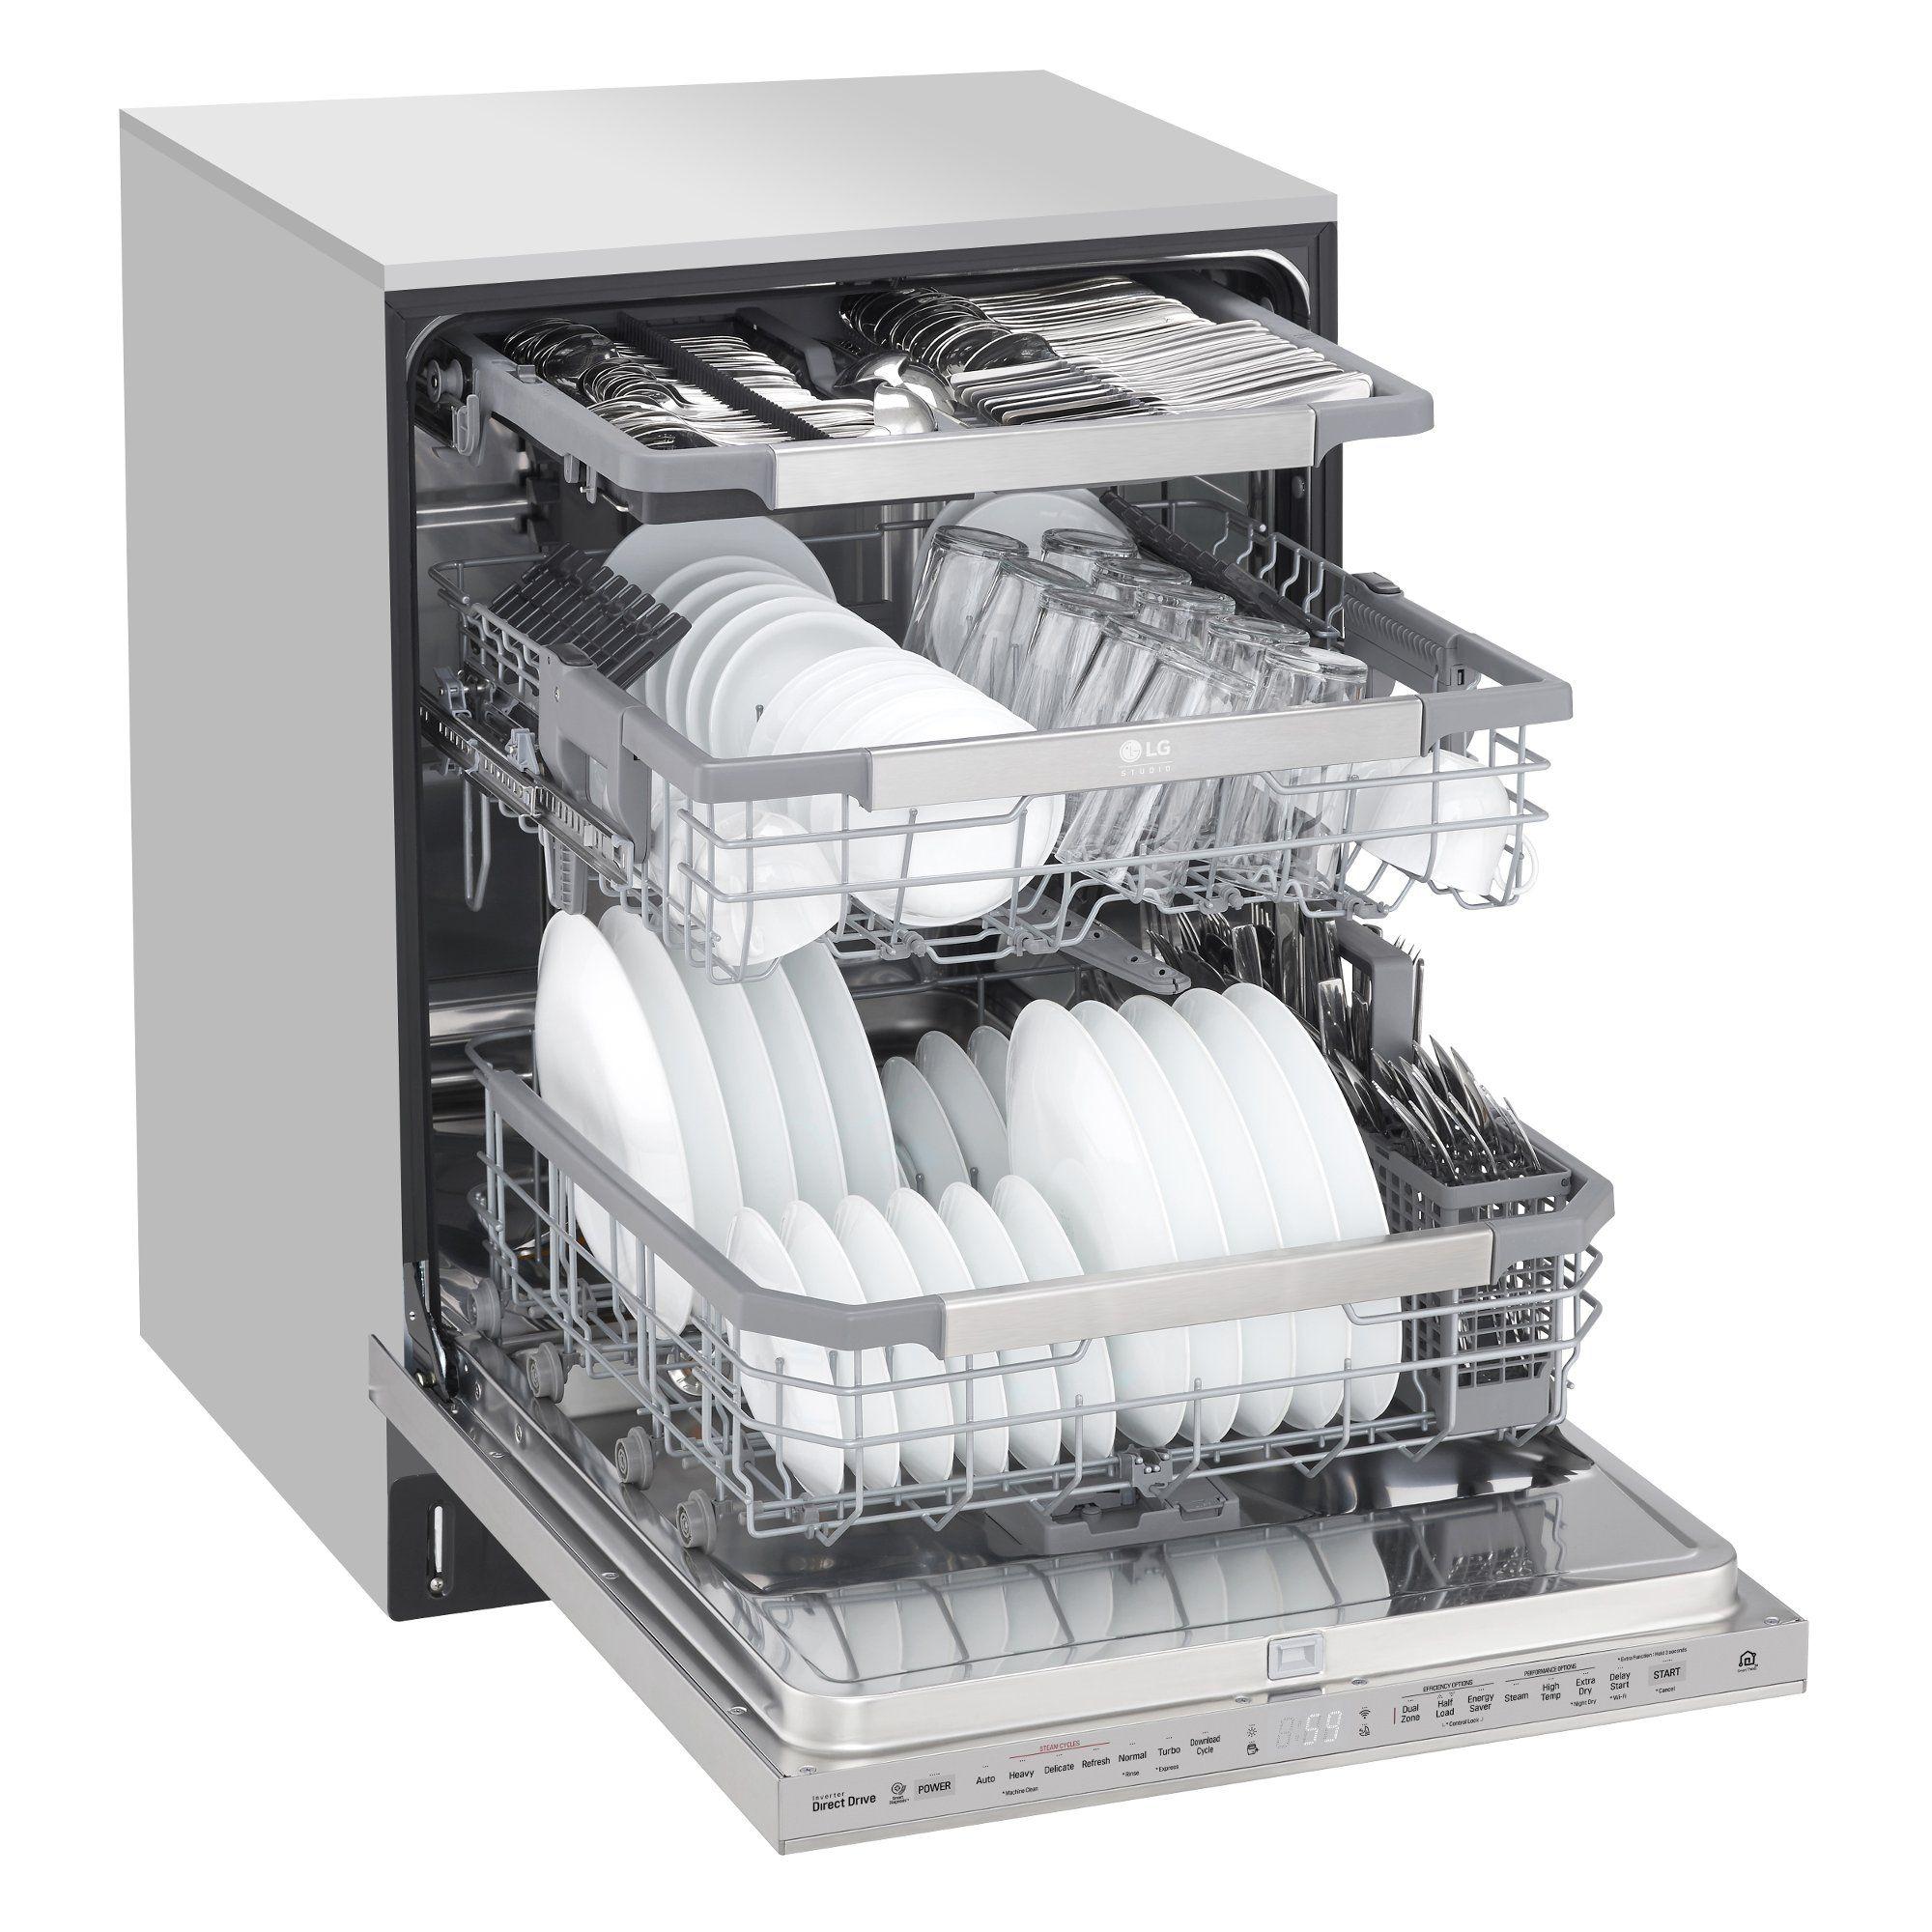 Lg Studio Smart Dishwasher Fingerprint Resistant Stainless Steel In 2021 Steel Tub Top Control Dishwasher Built In Dishwasher